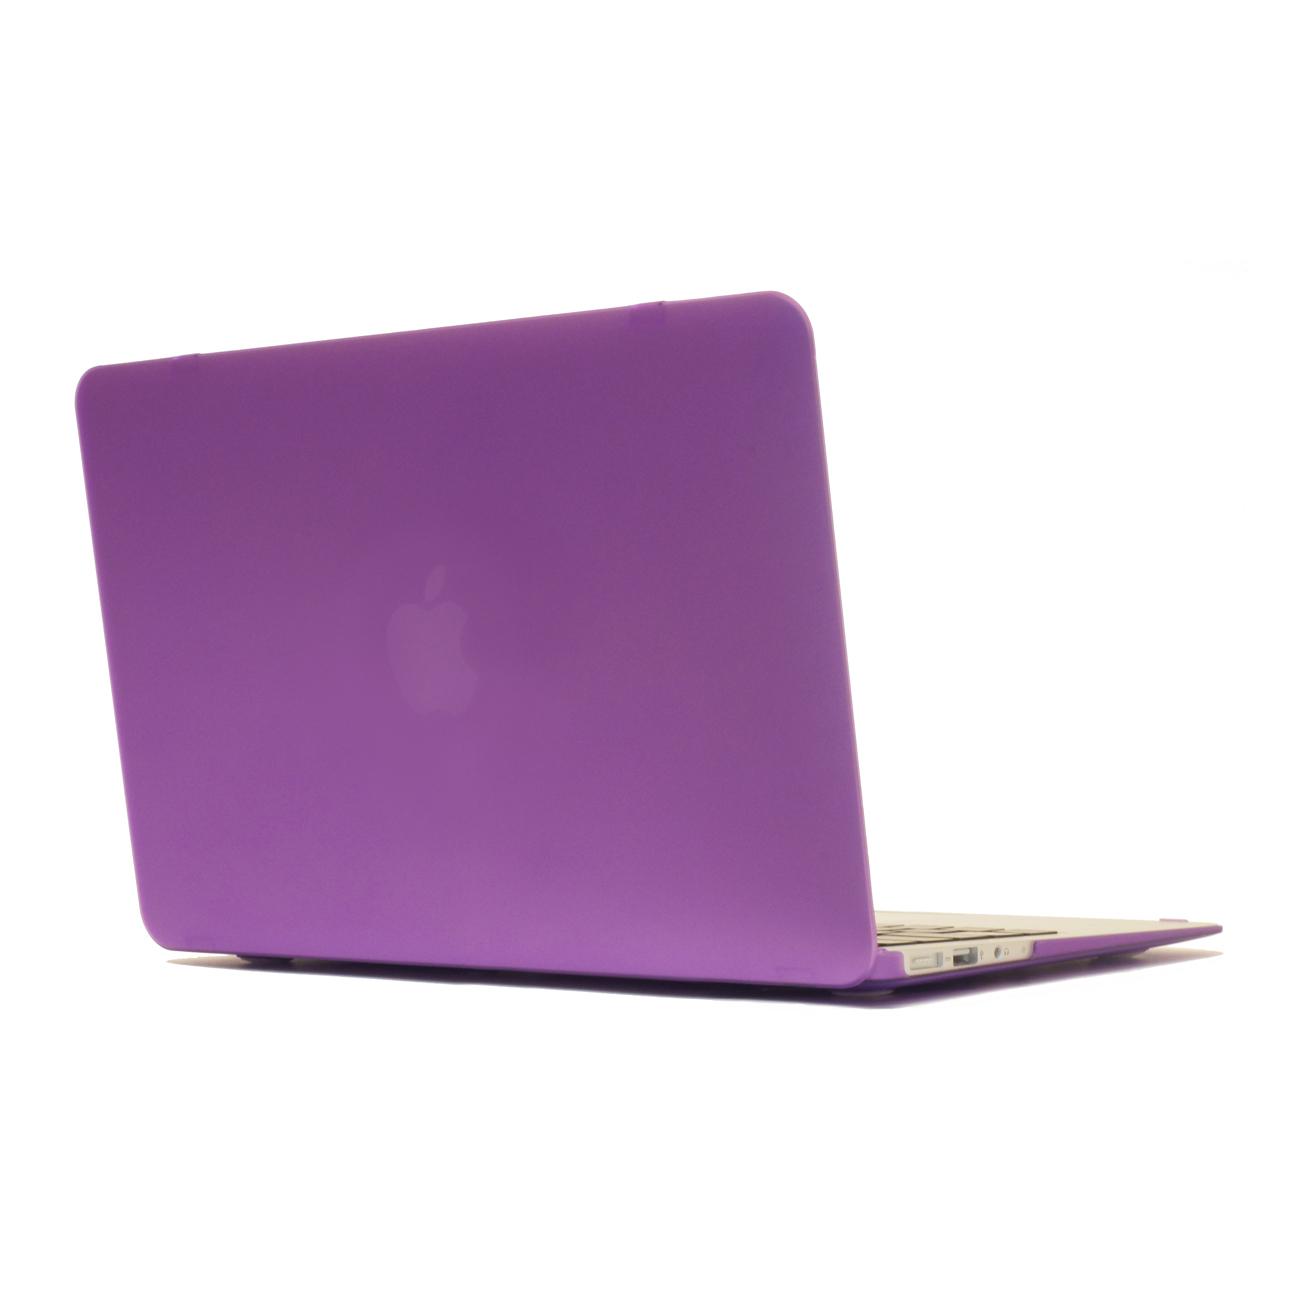 Чехол Crystal Case для MacBook Pro Retina 13 ФиолетовыйMacBook<br>Crystal Case — ультратонкая, лёгкая, полупрозрачная защита для вашего лэптопа.<br><br>Цвет: Фиолетовый<br>Материал: Поликарбонат